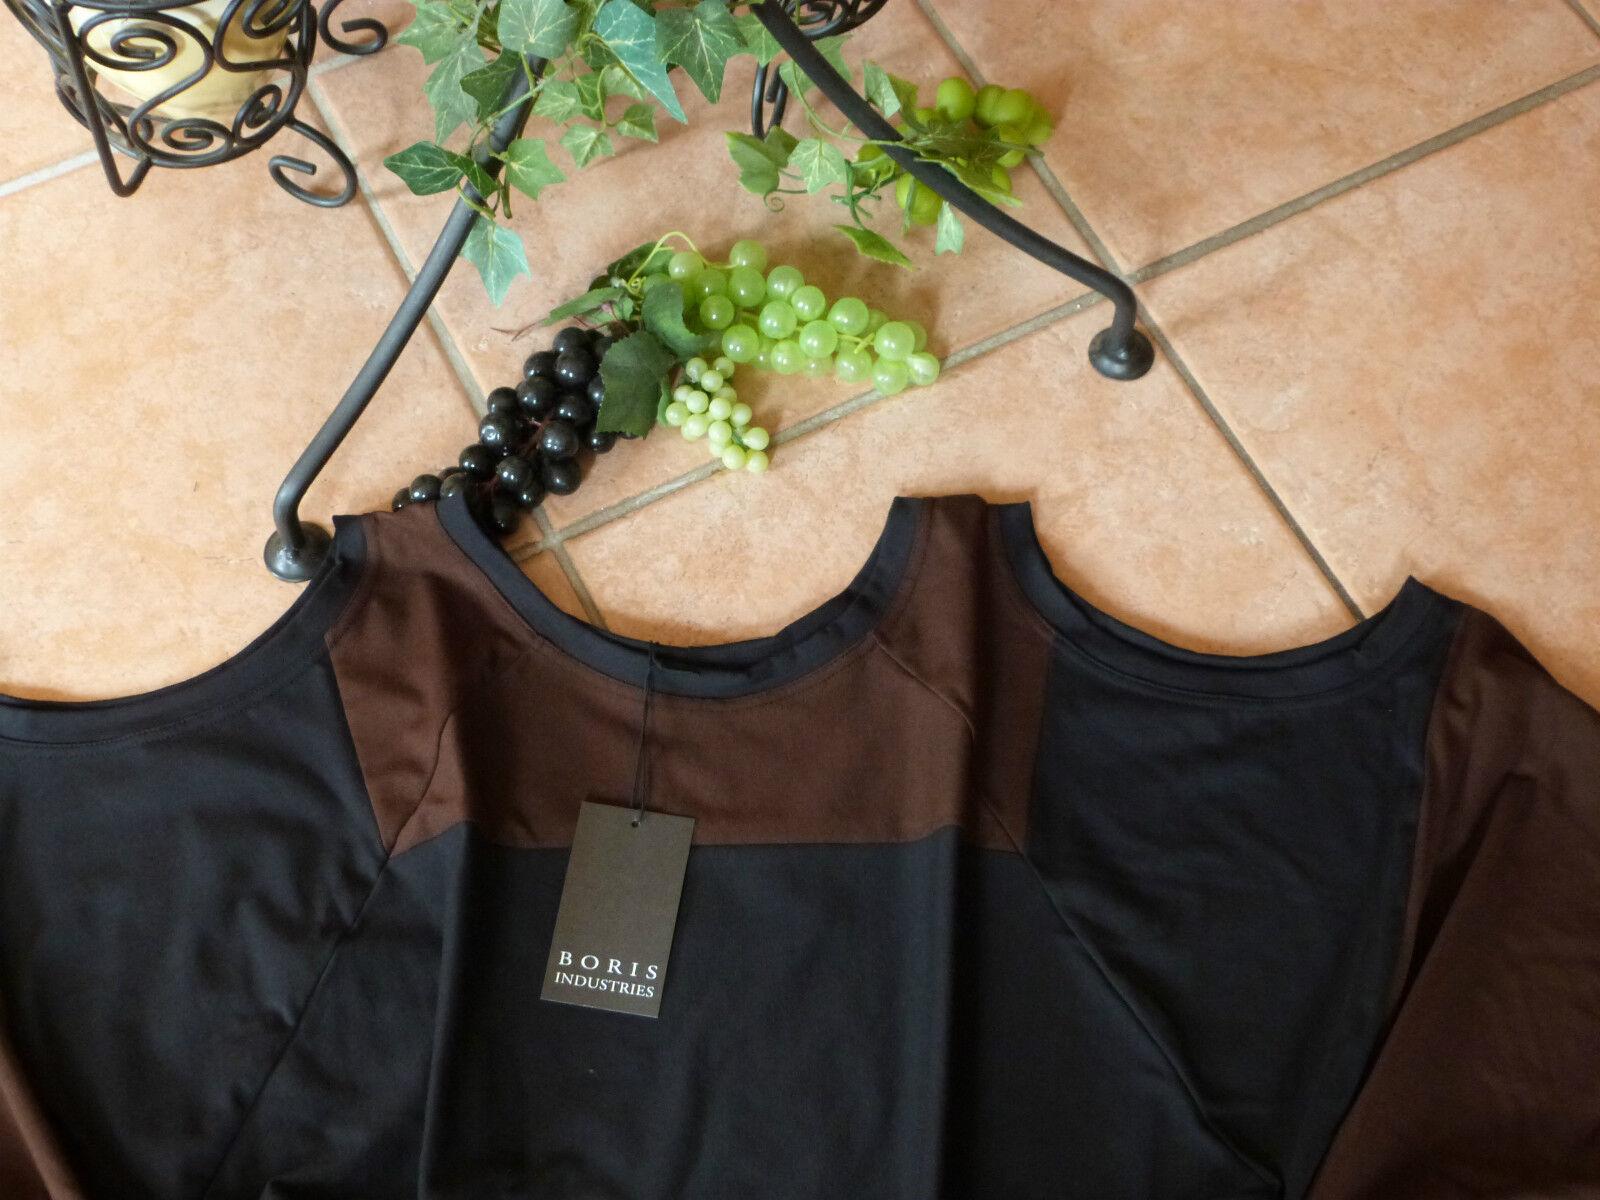 BORIS INDUSTRIES Zipfel Tunika Überwurf 46-58 46-58 46-58 EG NEU  schwarz braun LAGENLOOK | Haltbarkeit  75ada5